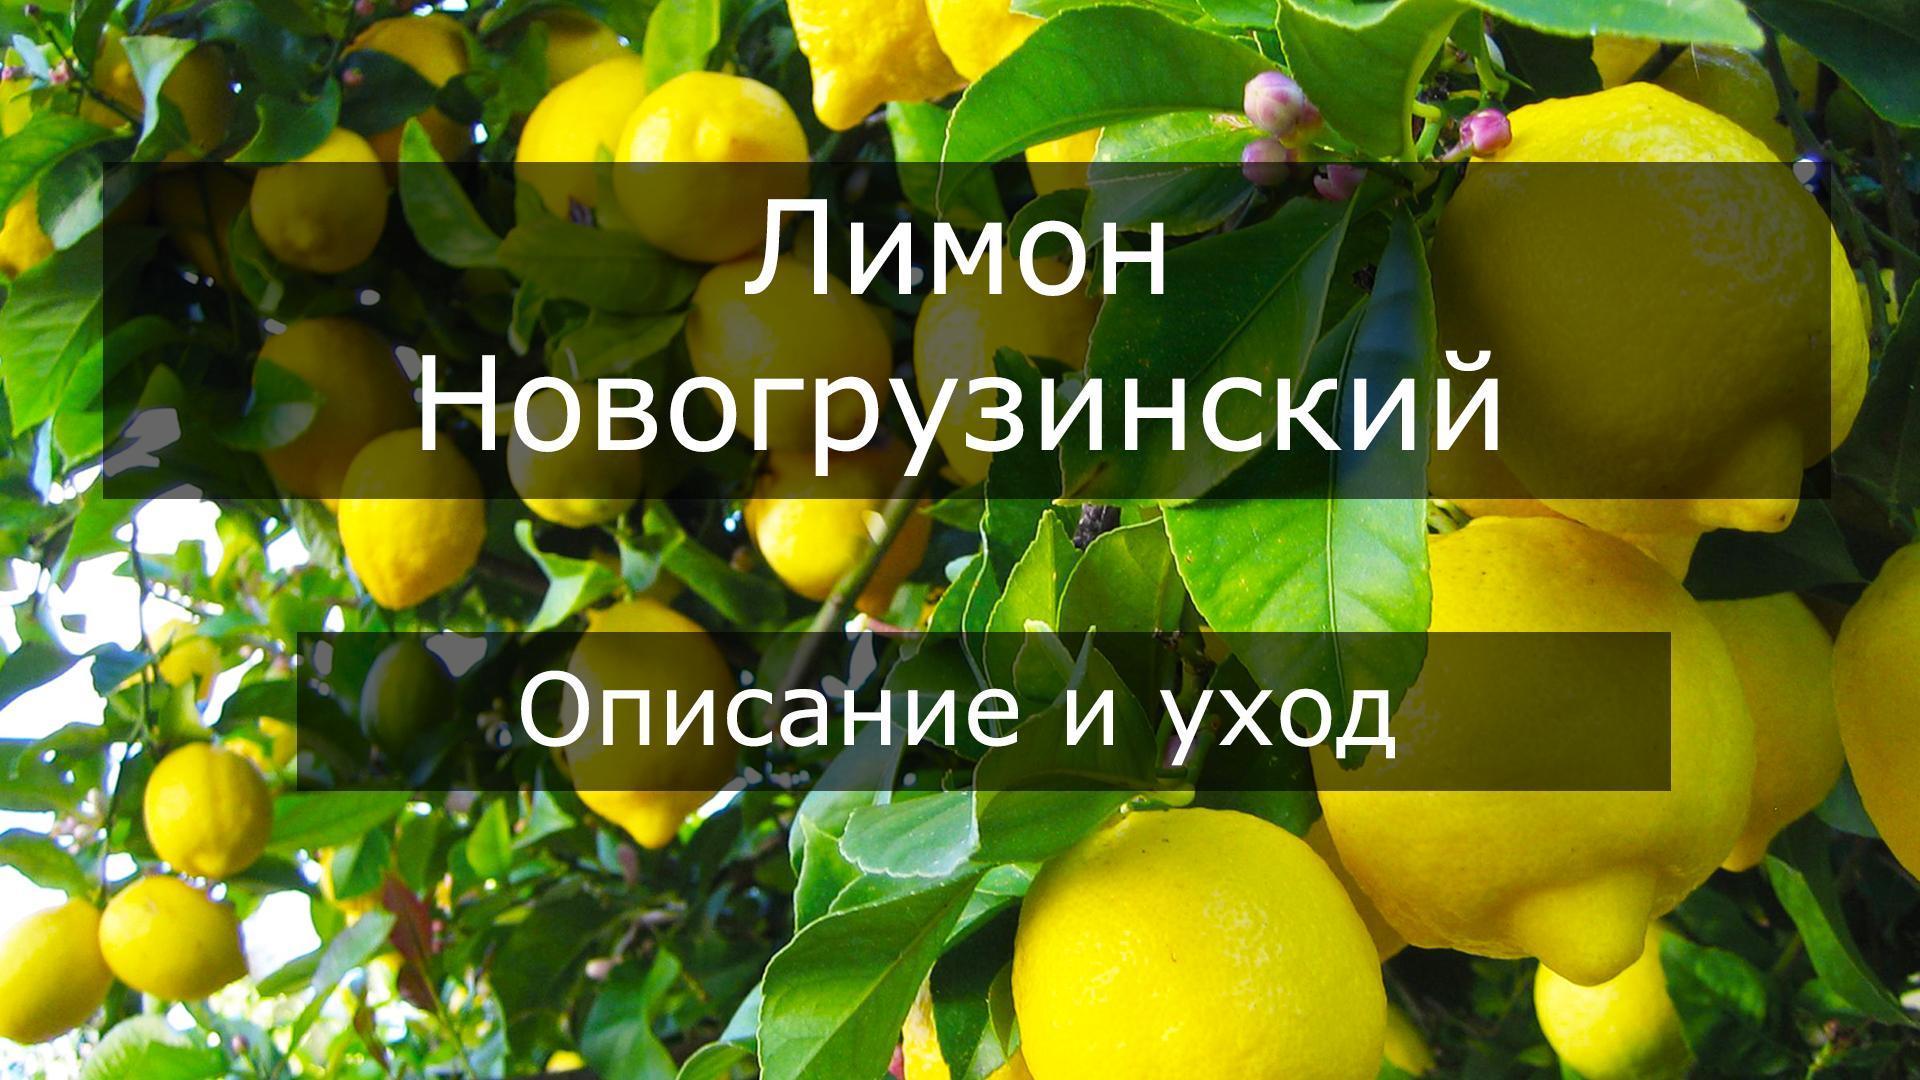 Описание лимона сорта Новогрузинский